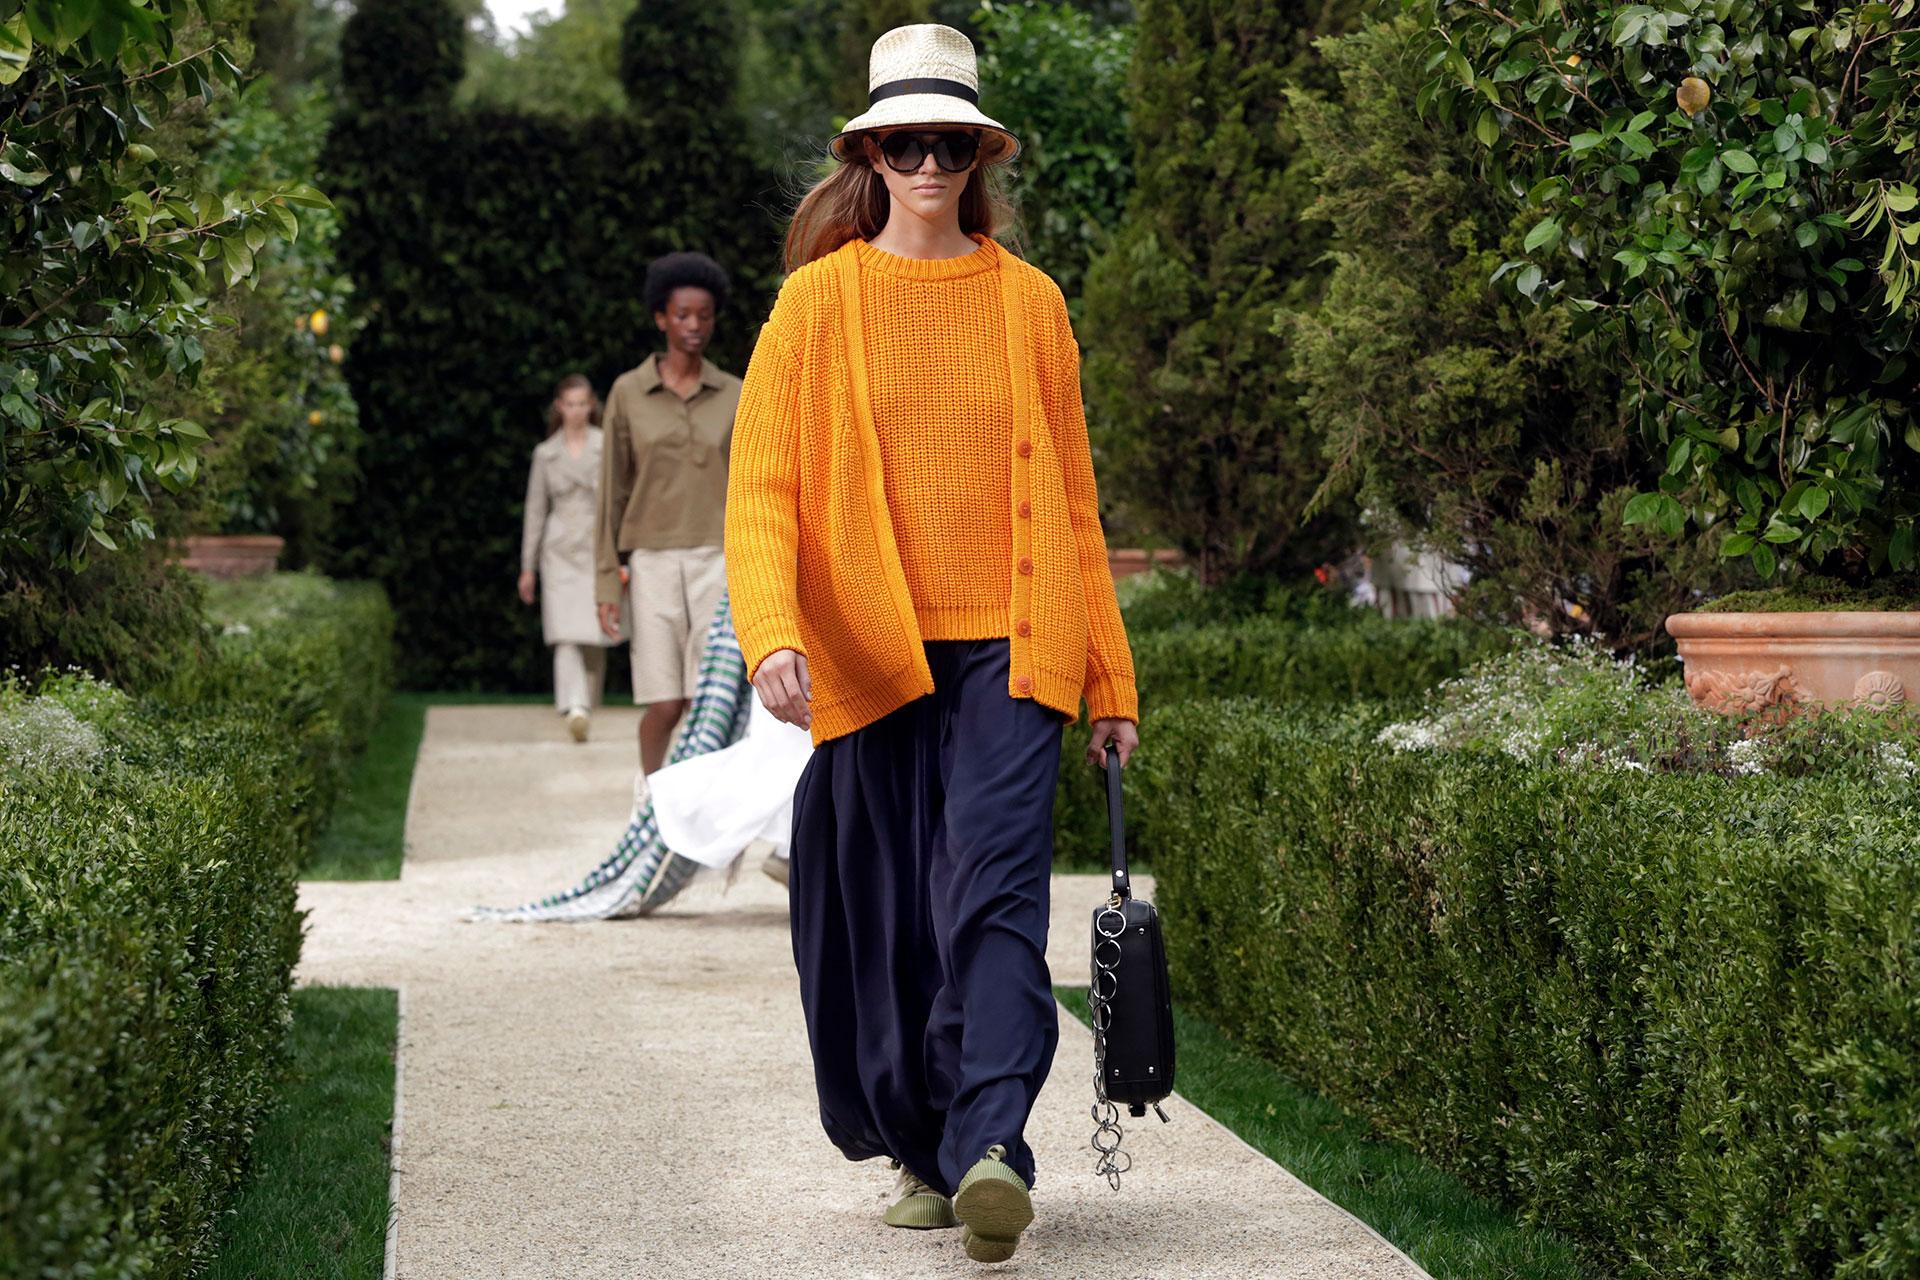 No solo los diseños de verano se vieron, sino también los tejidos, una pieza clave atemporal. Naranja y azul, una combinación explosiva. Gorros, anteojos de sol y cartera en mano, un look que no debe faltar en el guardarropa.